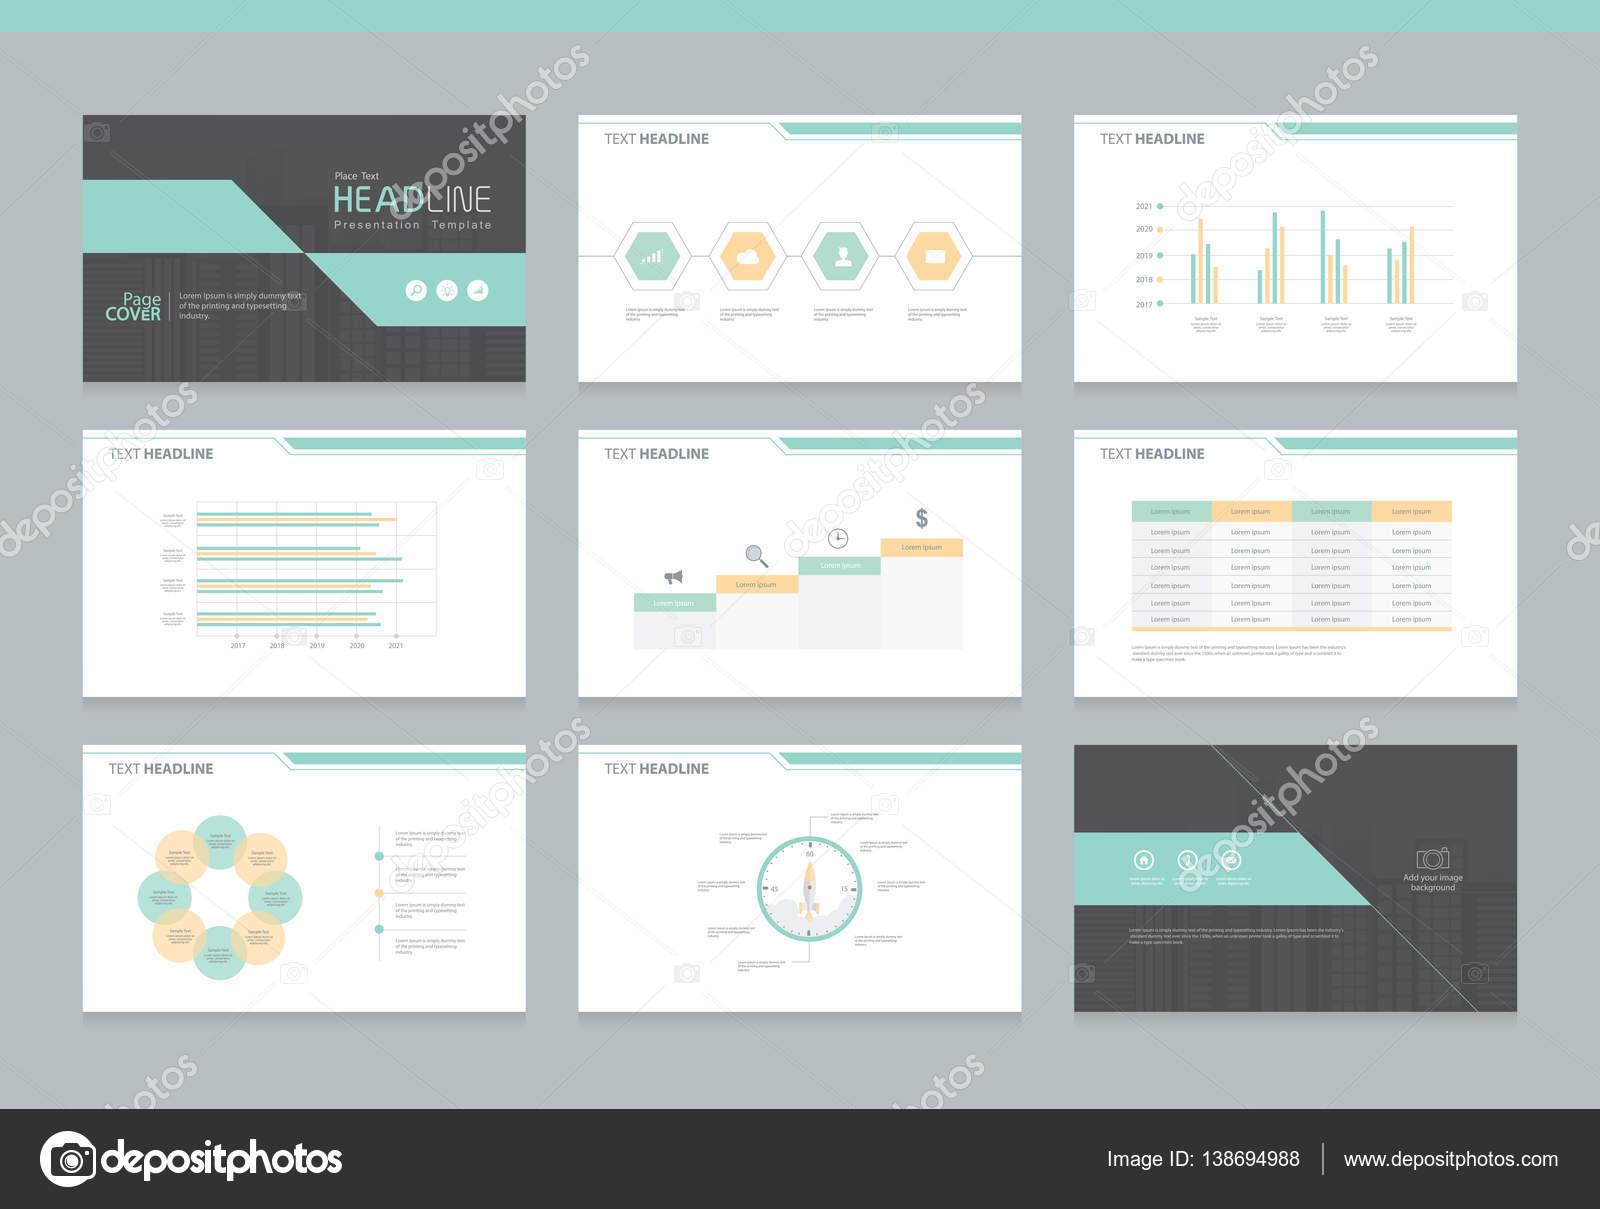 imágenes para presentaciones powerpoint plantilla de diseño de